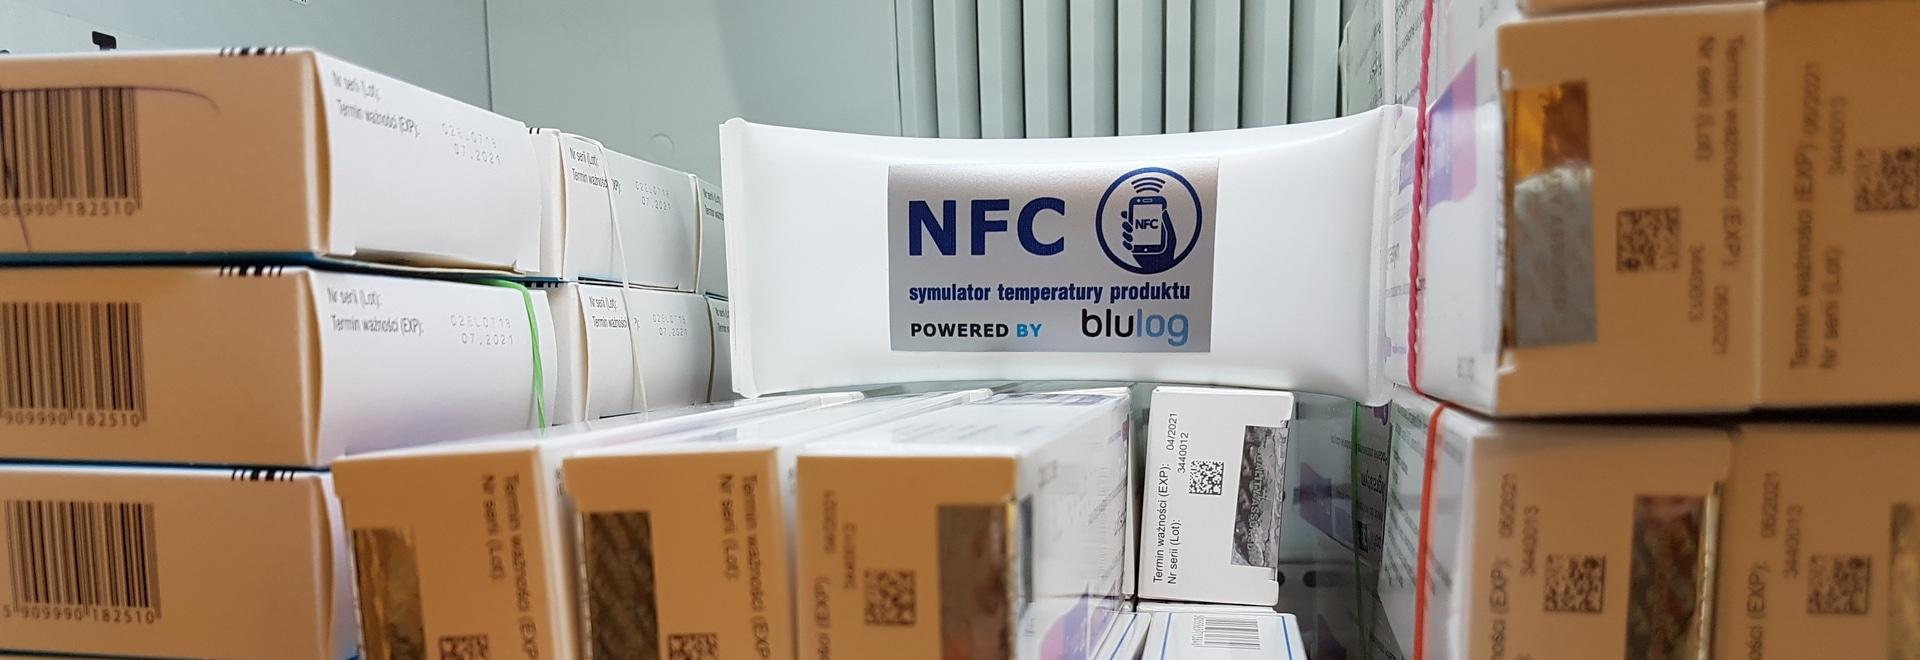 Blulog a développé un enregistreur à inertie pour la surveillance de la température